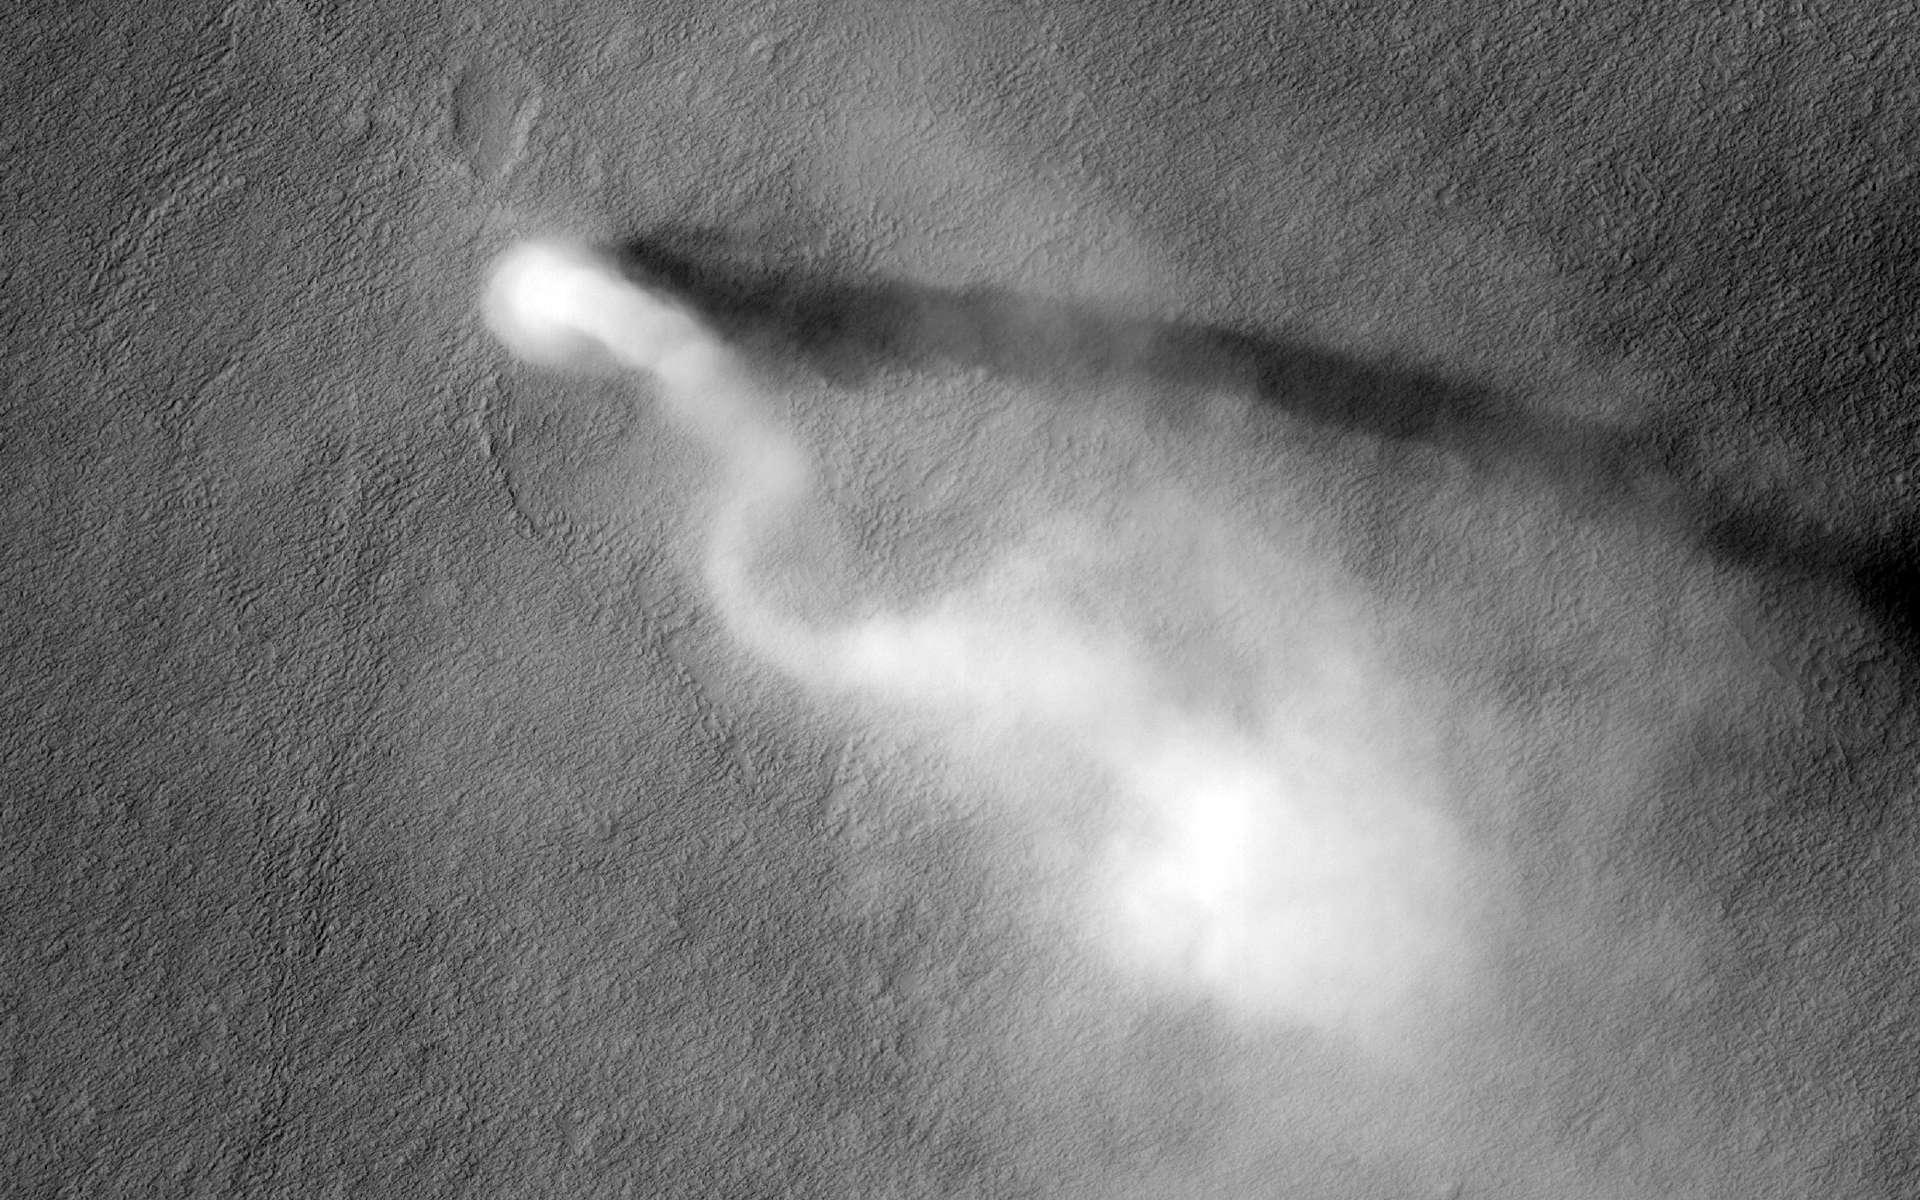 Un diable de poussière vu du ciel martien grâce à la caméra Hirise de l'orbiteur MRO. © Nasa, JPL-Caltech, University of Arizona